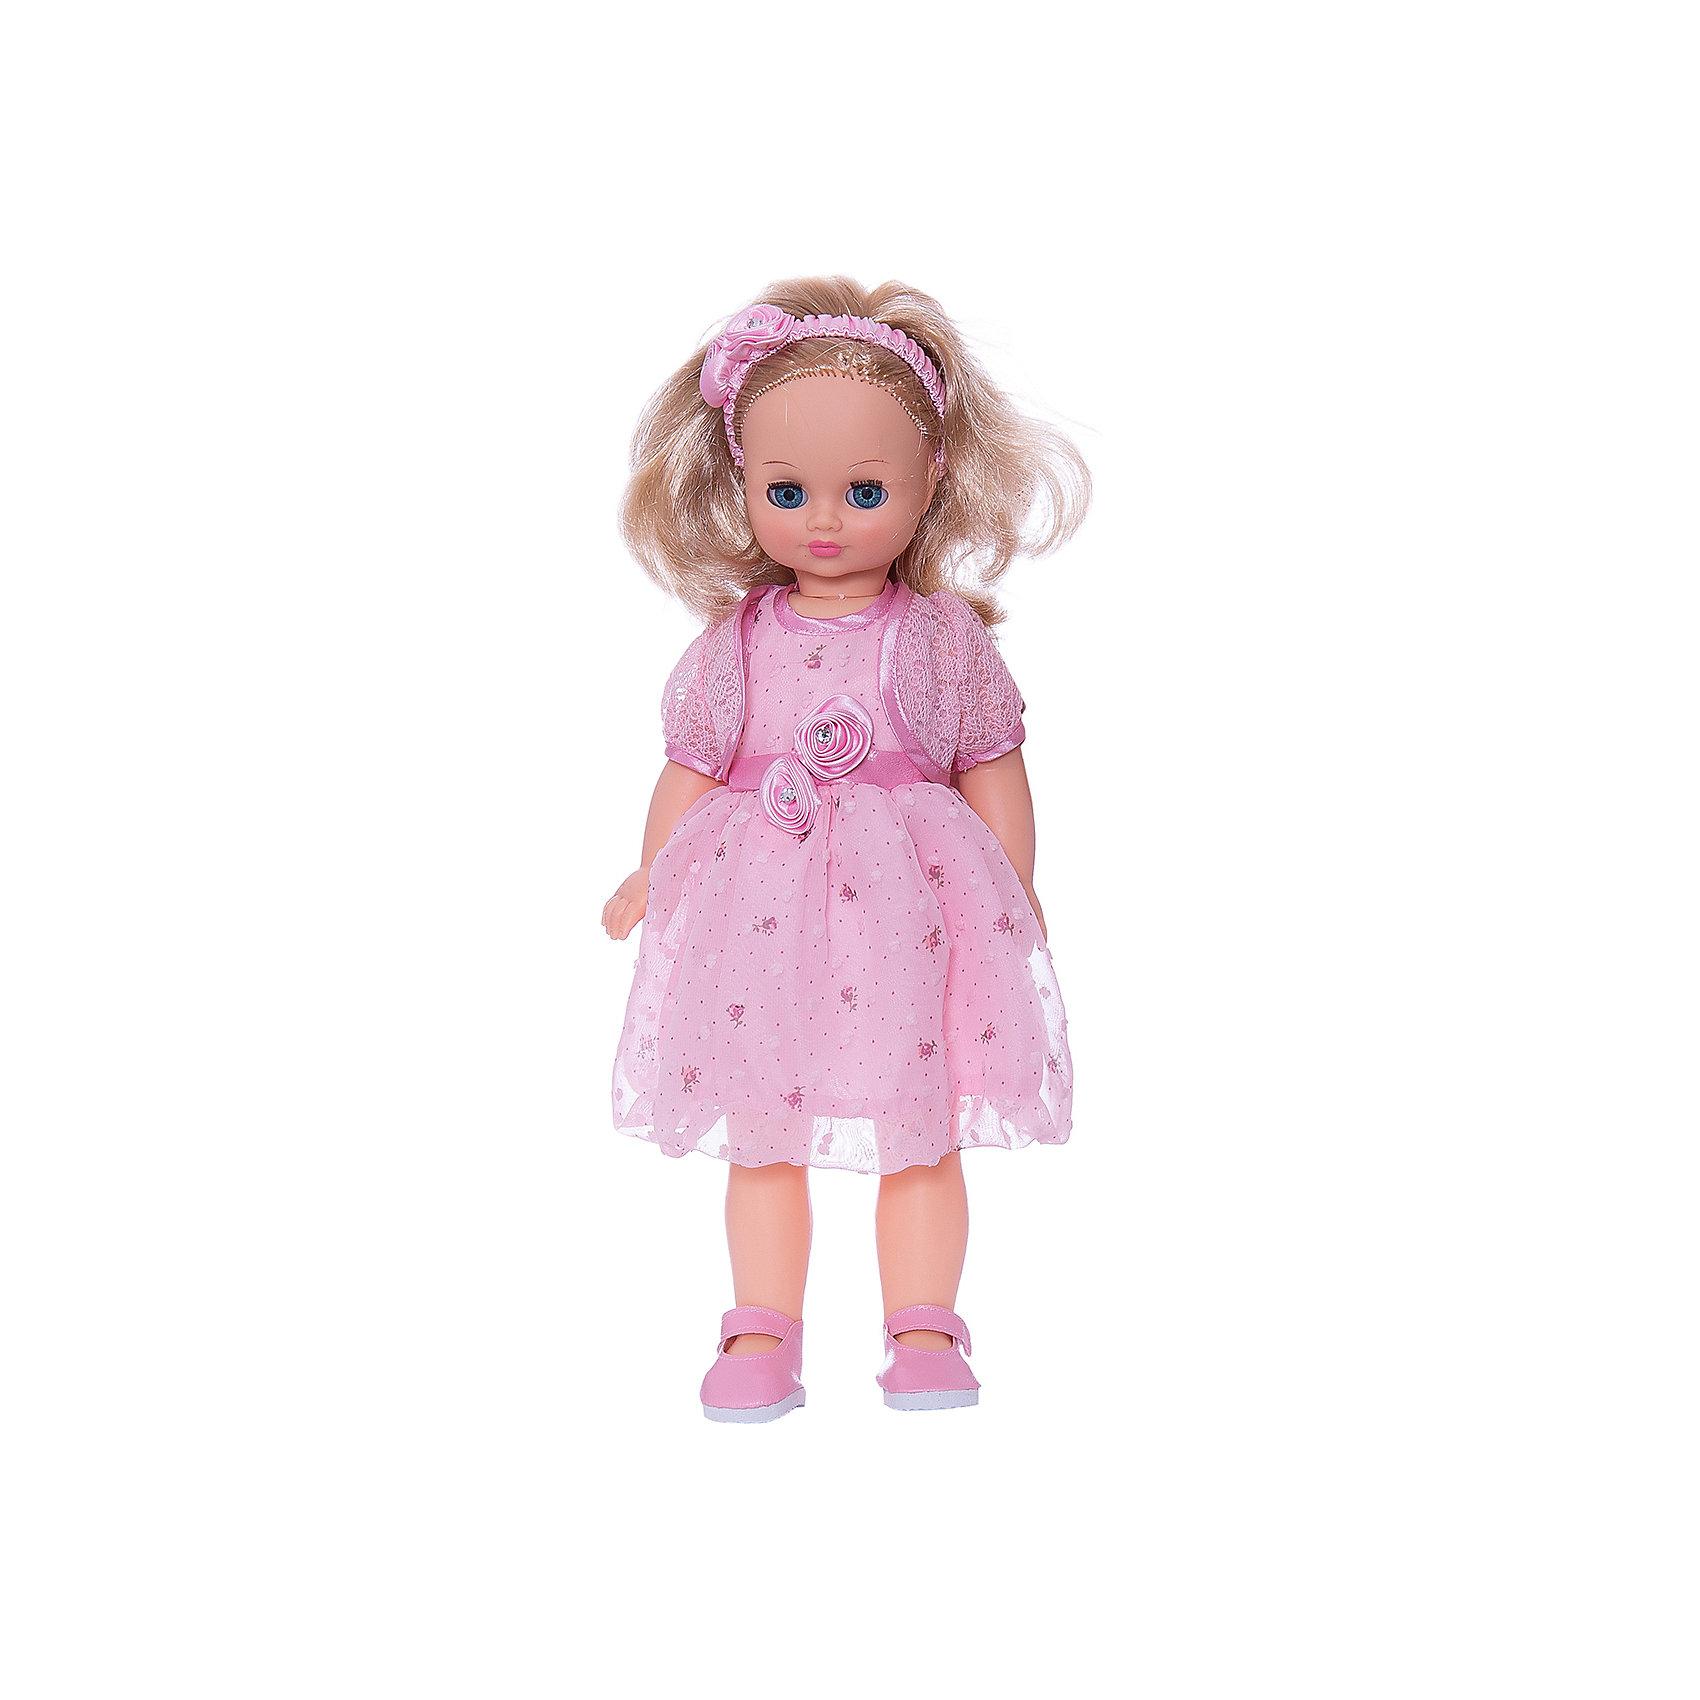 Кукла Лиза 23, со звуком, ВеснаИнтерактивные куклы<br>Кукла Лиза 23 со звуком от марки Весна<br><br>Красивая и качественная кукла от отечественного производителя способна не просто помочь ребенку весело проводить время, но и научить девочку женственно одеваться. На ней - пышное платье и болеро, а также туфли, всё можно снимать и надевать.<br>Кукла произносит несколько фраз, механизм работает от батареек, которые идут в комплекте. Такая кукла помогает ребенку нарабатывать социальные навыки, учиться заботе и весело познавать мир. Сделана игрушка из качественных и безопасных для ребенка материалов.<br><br>Отличительные особенности куклы:<br><br>- материал: пластмасса;<br>- волосы: прошивные;<br>- звуковой модуль;<br>- голова поворачивается;<br>- руки и ноги гнутся;<br>- снимающаяся одежда и обувь;<br>- закрывающиеся глаза;<br>- высота: 42 см.<br><br>Комплектация:<br><br>- одежда (ободок, платье, болеро, туфли);<br>- три батарейки СЦ 357.<br><br>Куклу Лиза 23 со звуком от марки Весна можно купить в нашем магазине.<br><br>Ширина мм: 490<br>Глубина мм: 210<br>Высота мм: 130<br>Вес г: 550<br>Возраст от месяцев: 36<br>Возраст до месяцев: 120<br>Пол: Женский<br>Возраст: Детский<br>SKU: 4650461